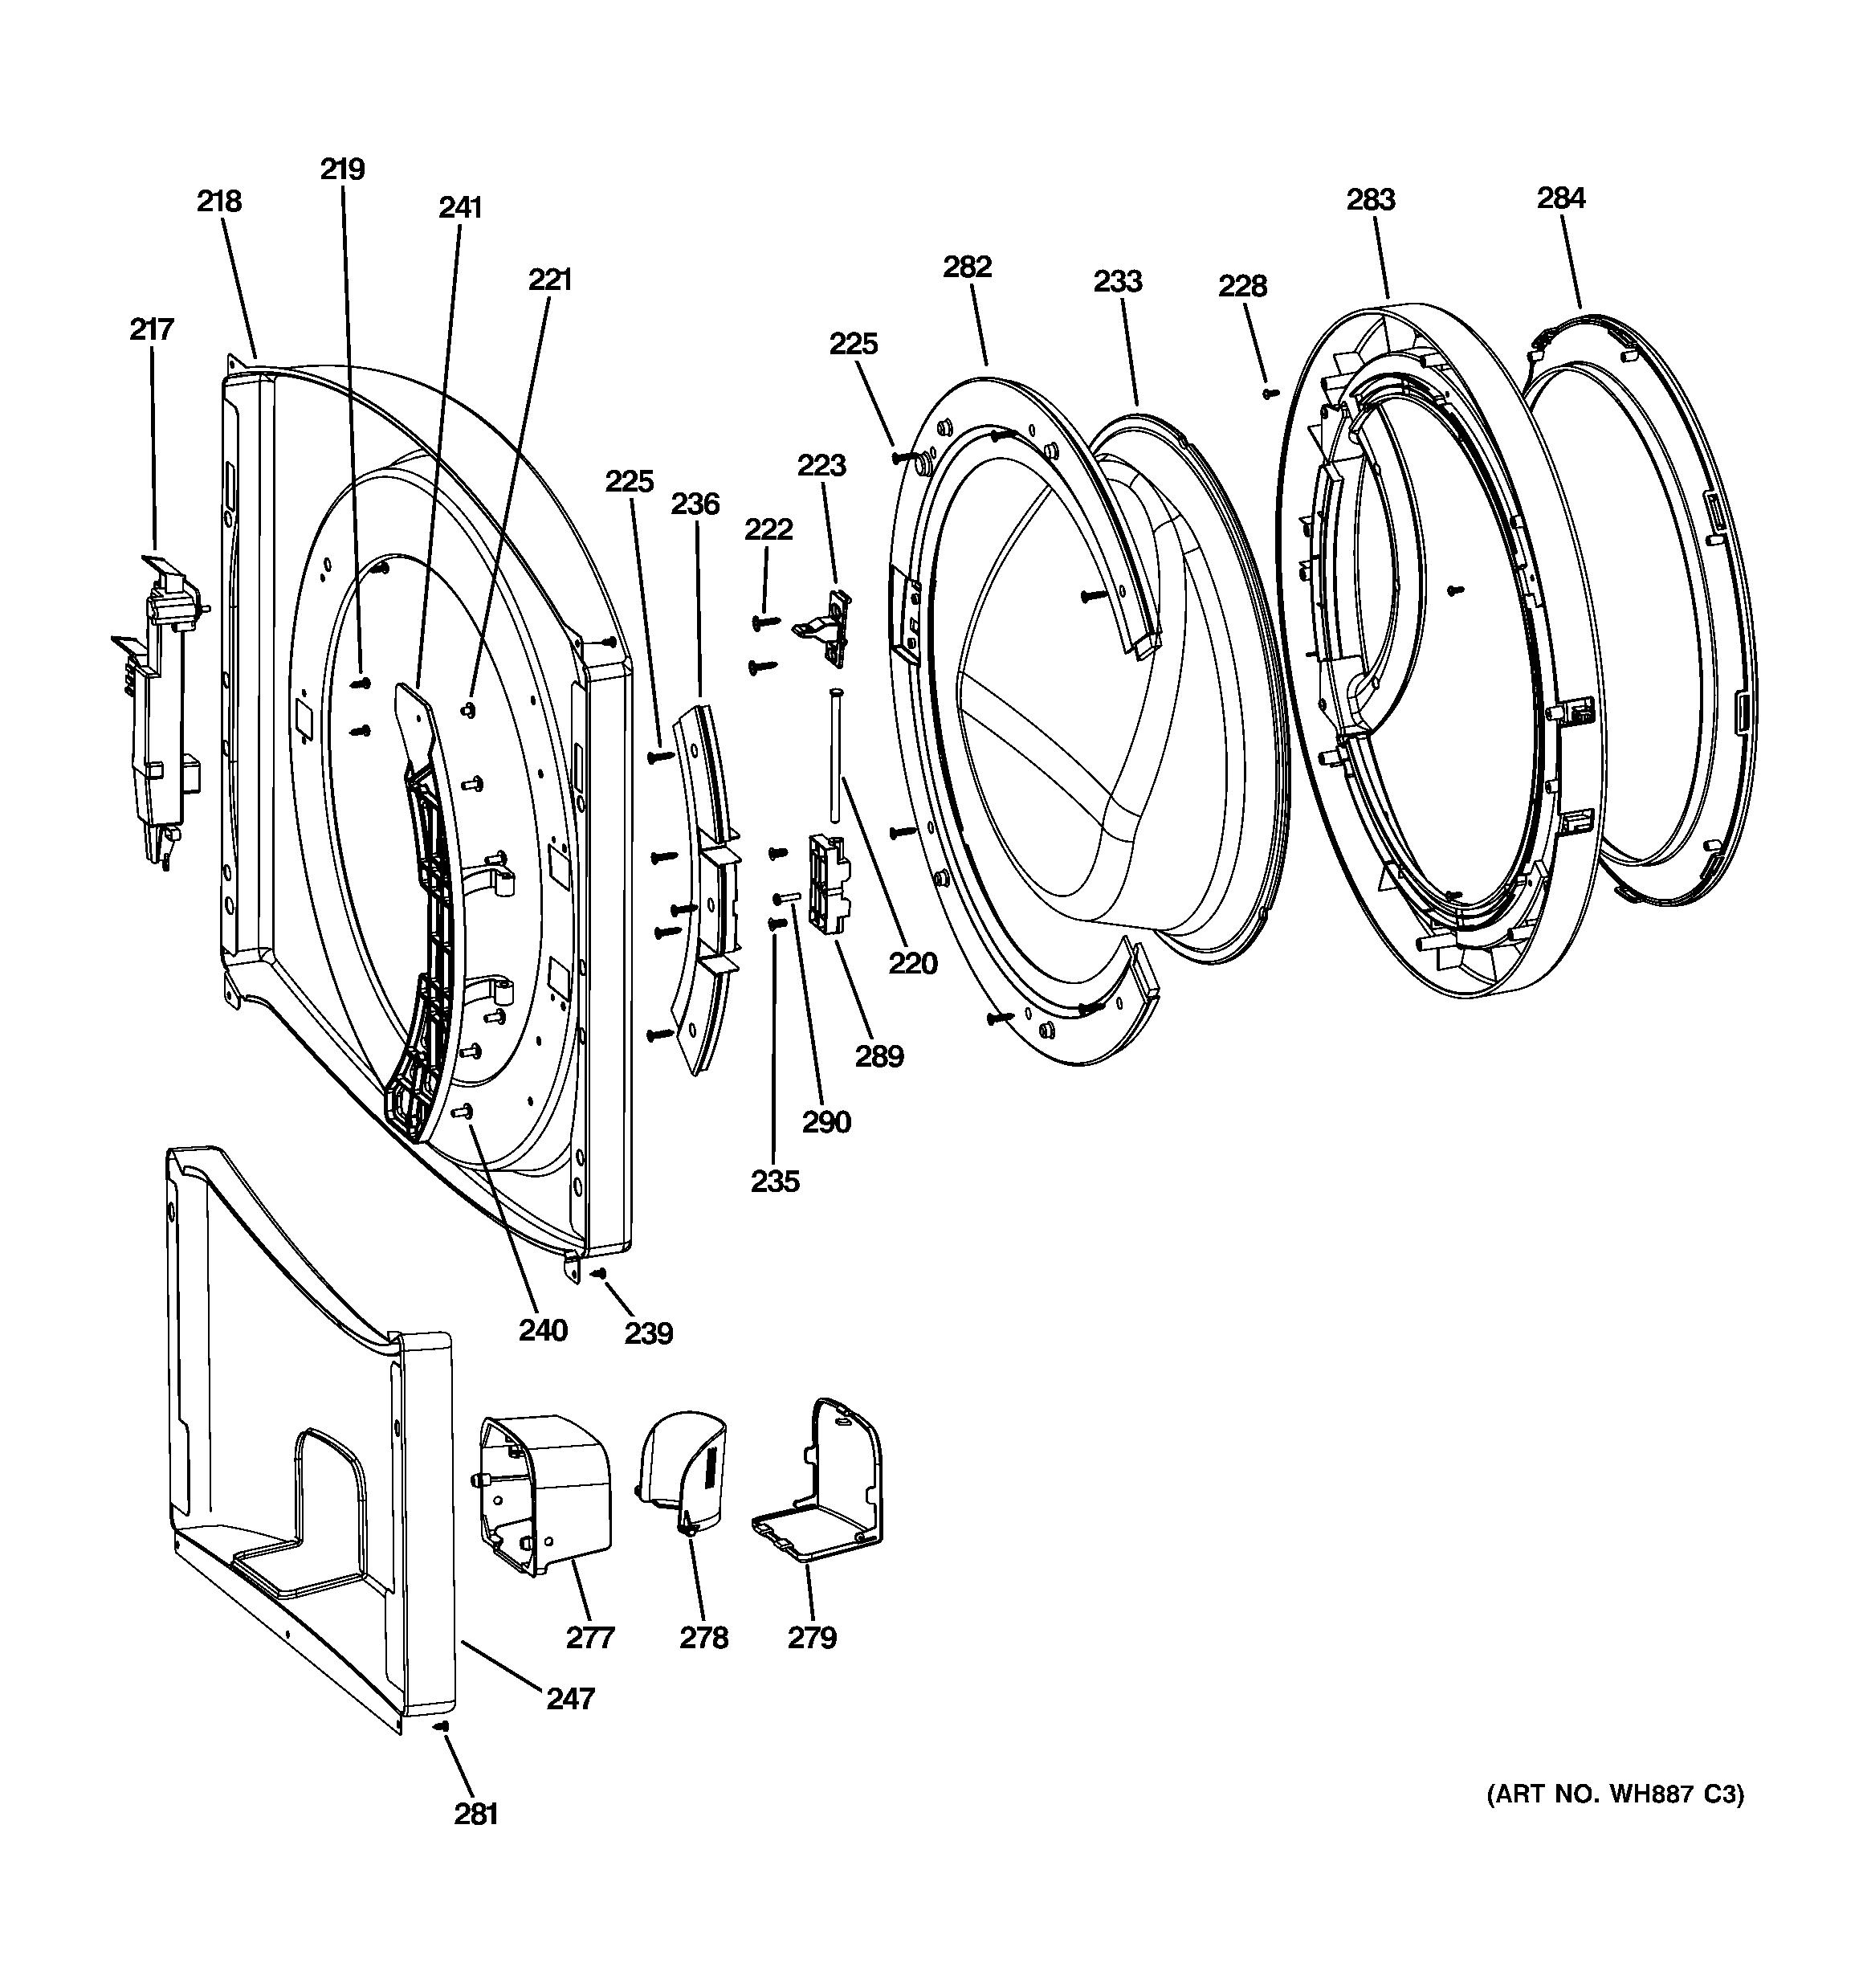 Remarkable Diagram Ge Washer Parts Ge Front Load Washer Parts Diagram Ge Washer Wiring Cloud Staixuggs Outletorg